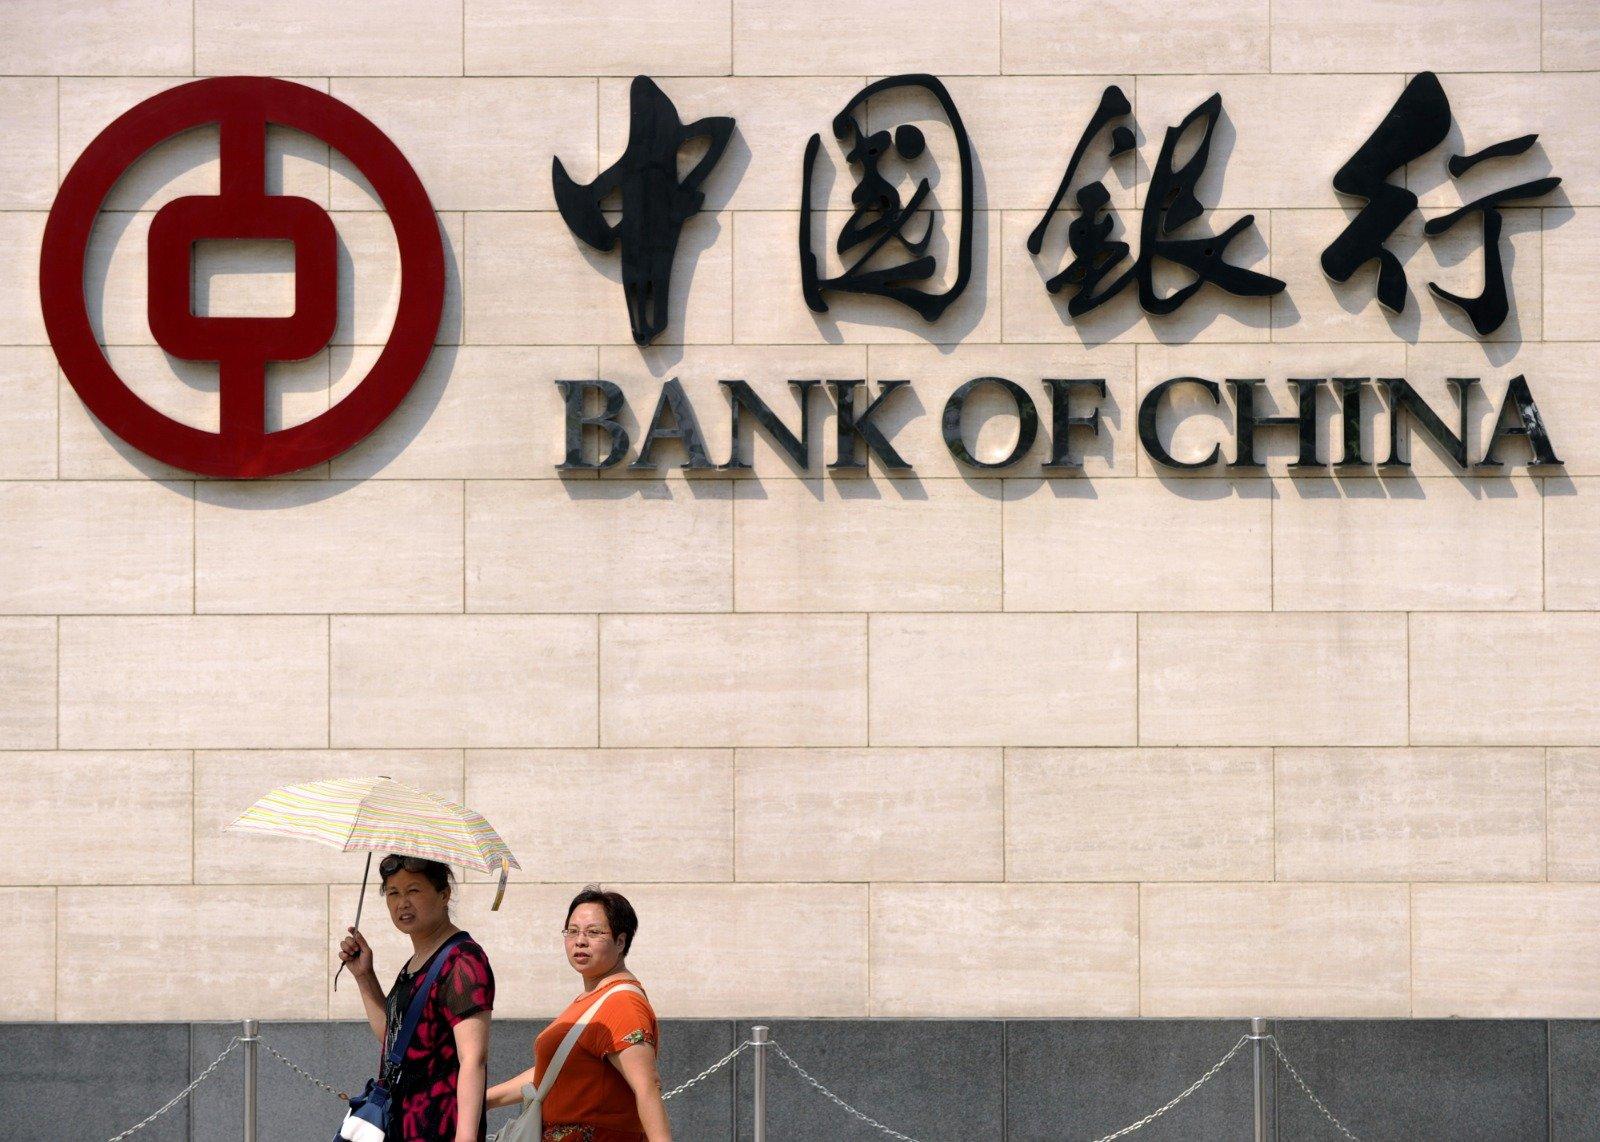 「原油寶」產品害得散戶賠上42億元人民幣,中國銀行及分支遭罰款5,050萬元人民幣。(LIU JIN/AFP via Getty Images)